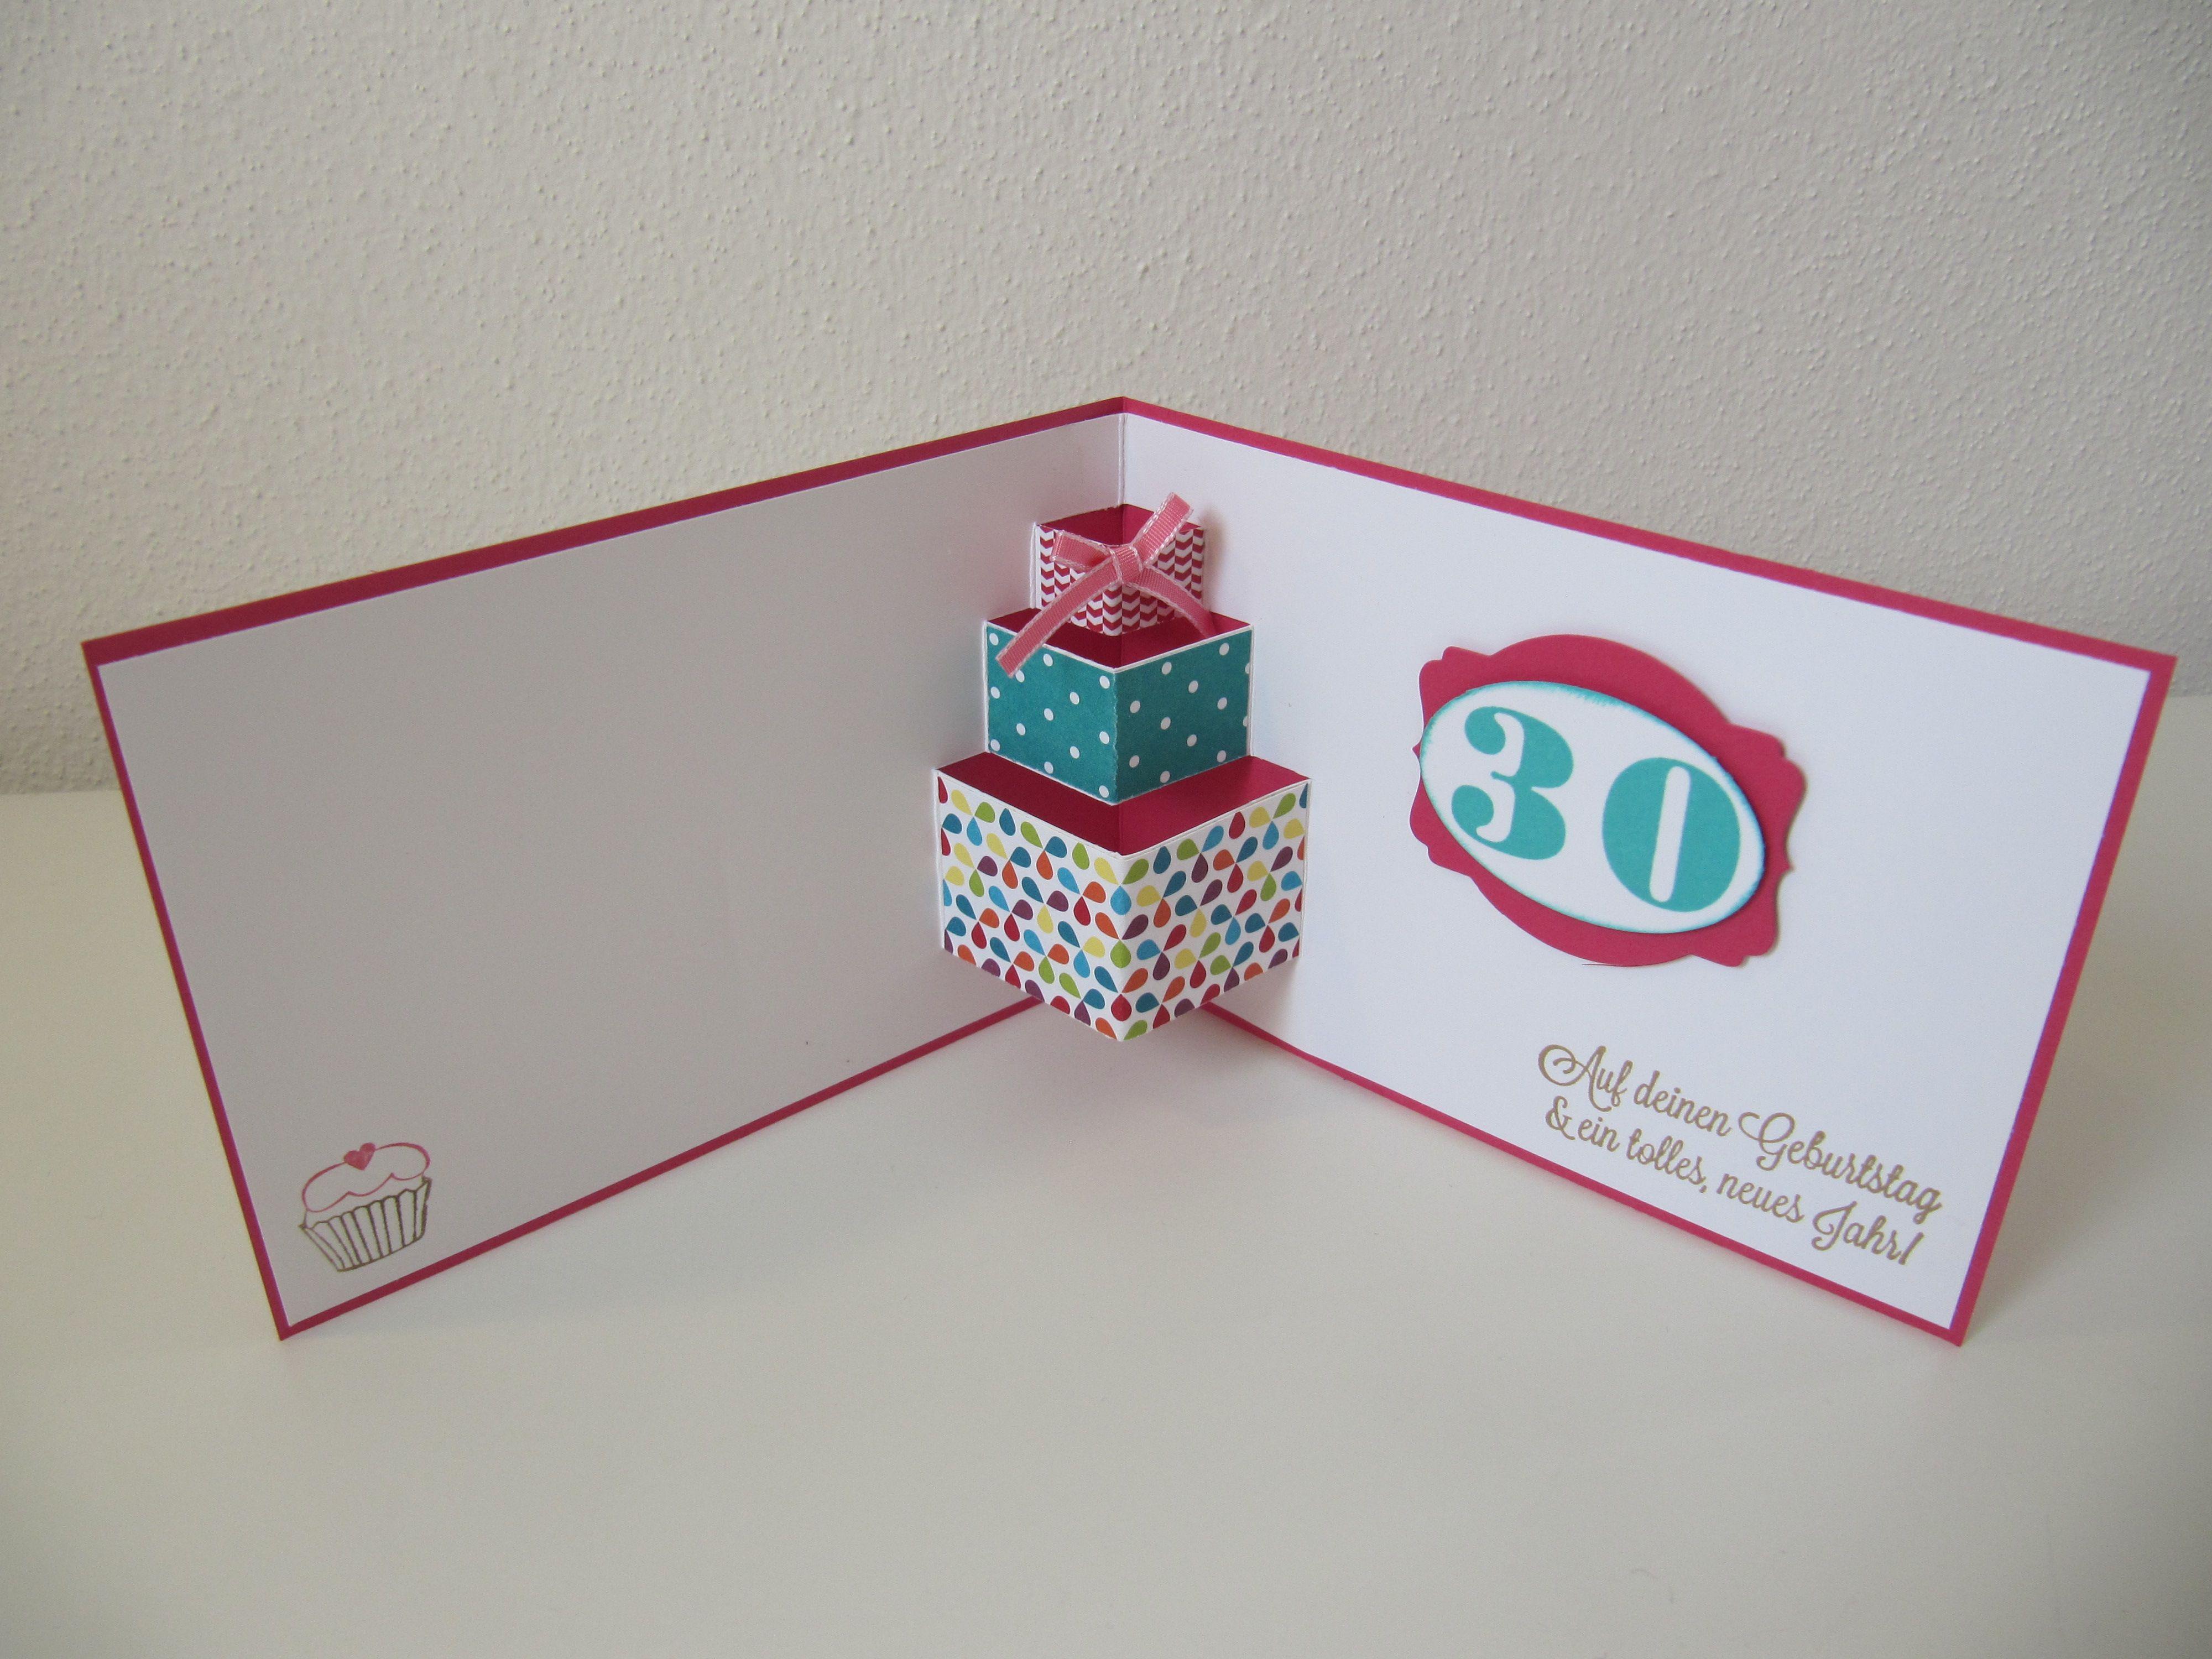 Pop Up Karte Geburtstag Vorlage.Pop Up Karte Vorlage Weihnachten Geburtstag Einladung